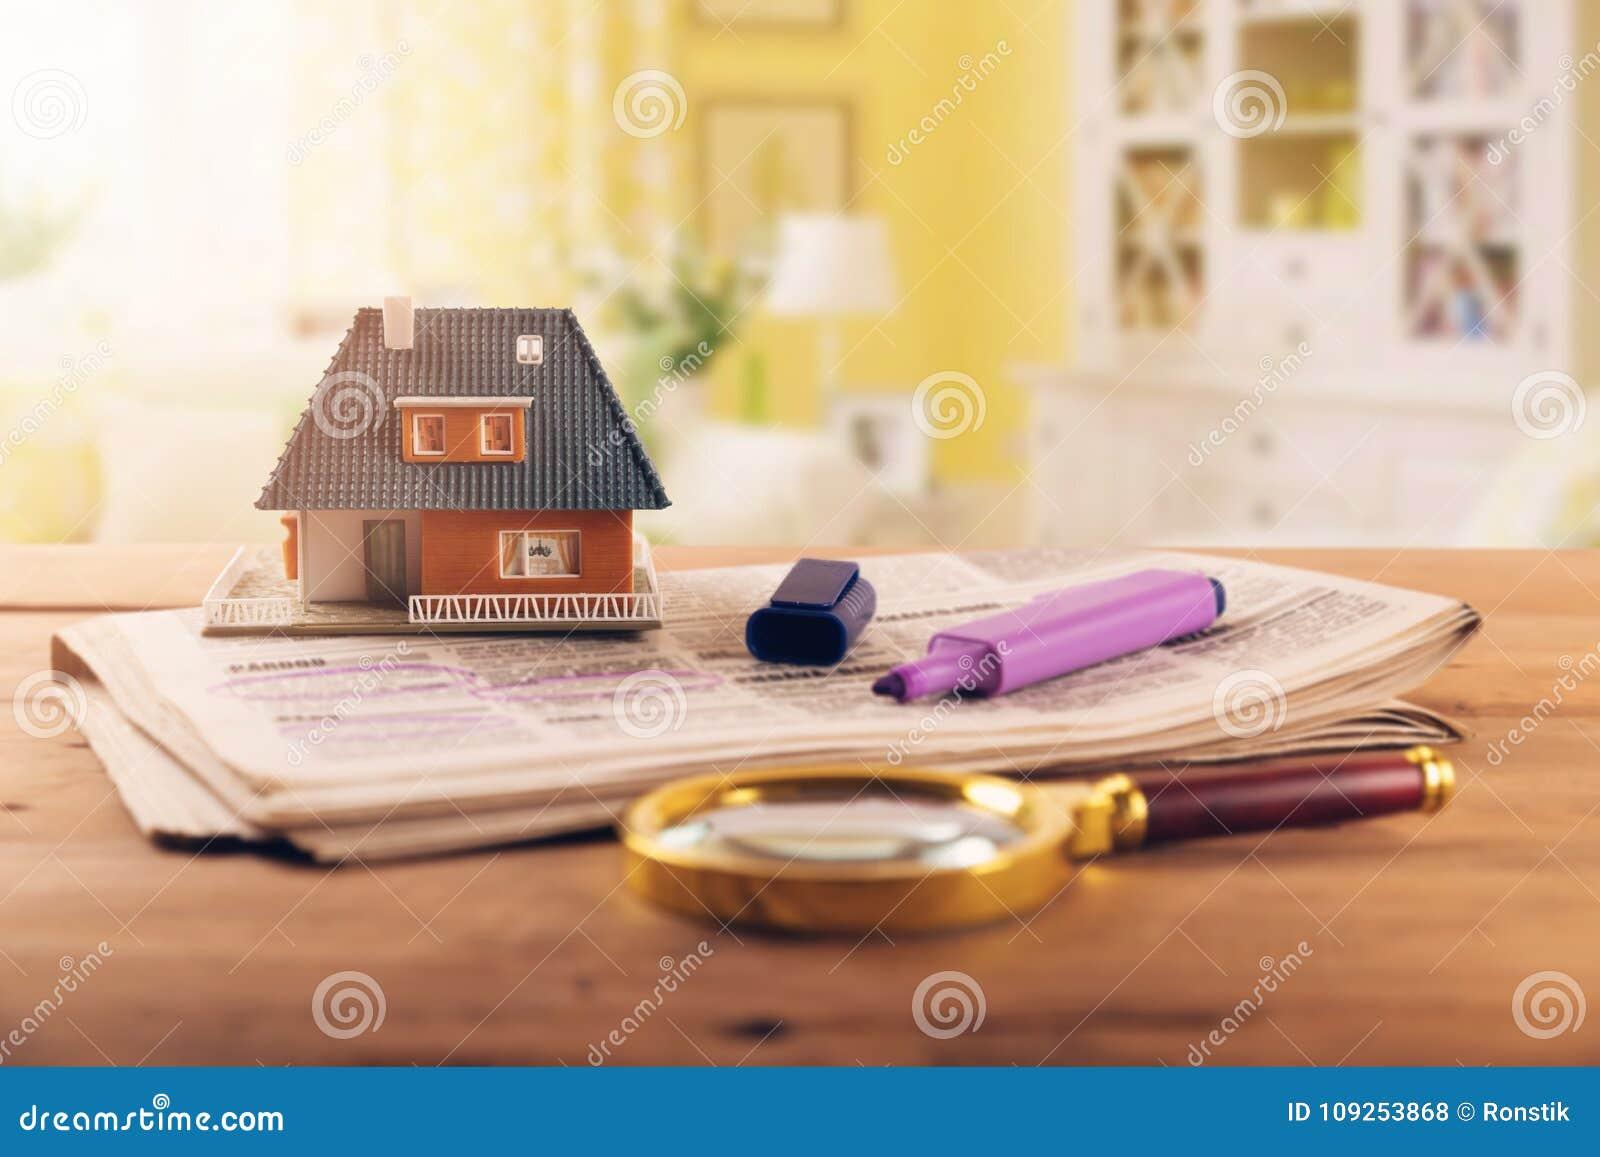 Zoekend nieuw huis in onroerende goederen krant classifieds